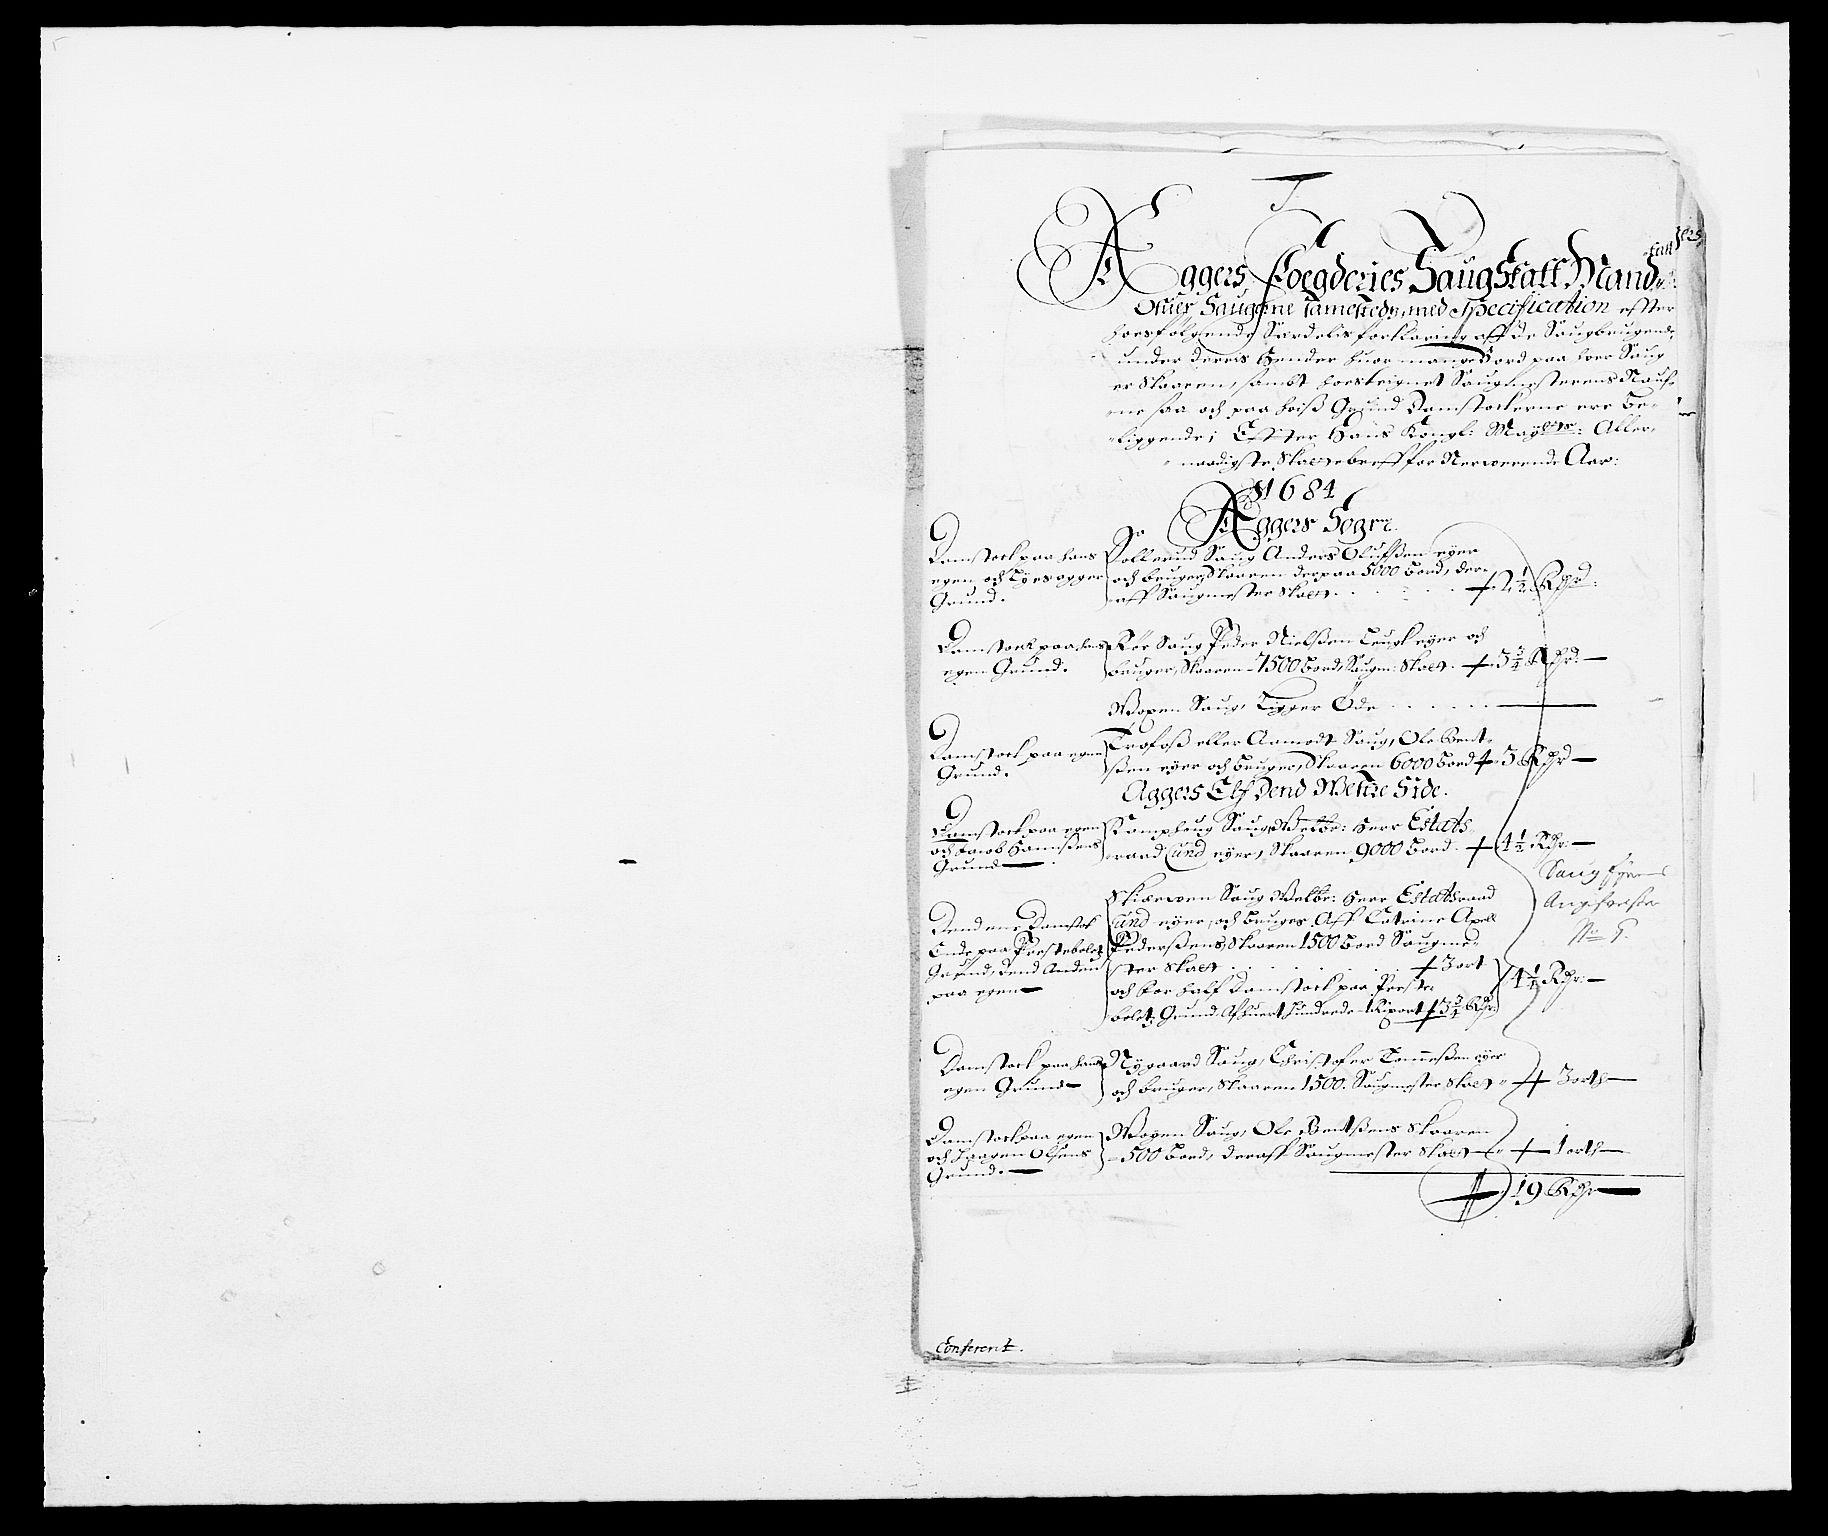 RA, Rentekammeret inntil 1814, Reviderte regnskaper, Fogderegnskap, R08/L0421: Fogderegnskap Aker, 1682-1683, s. 71